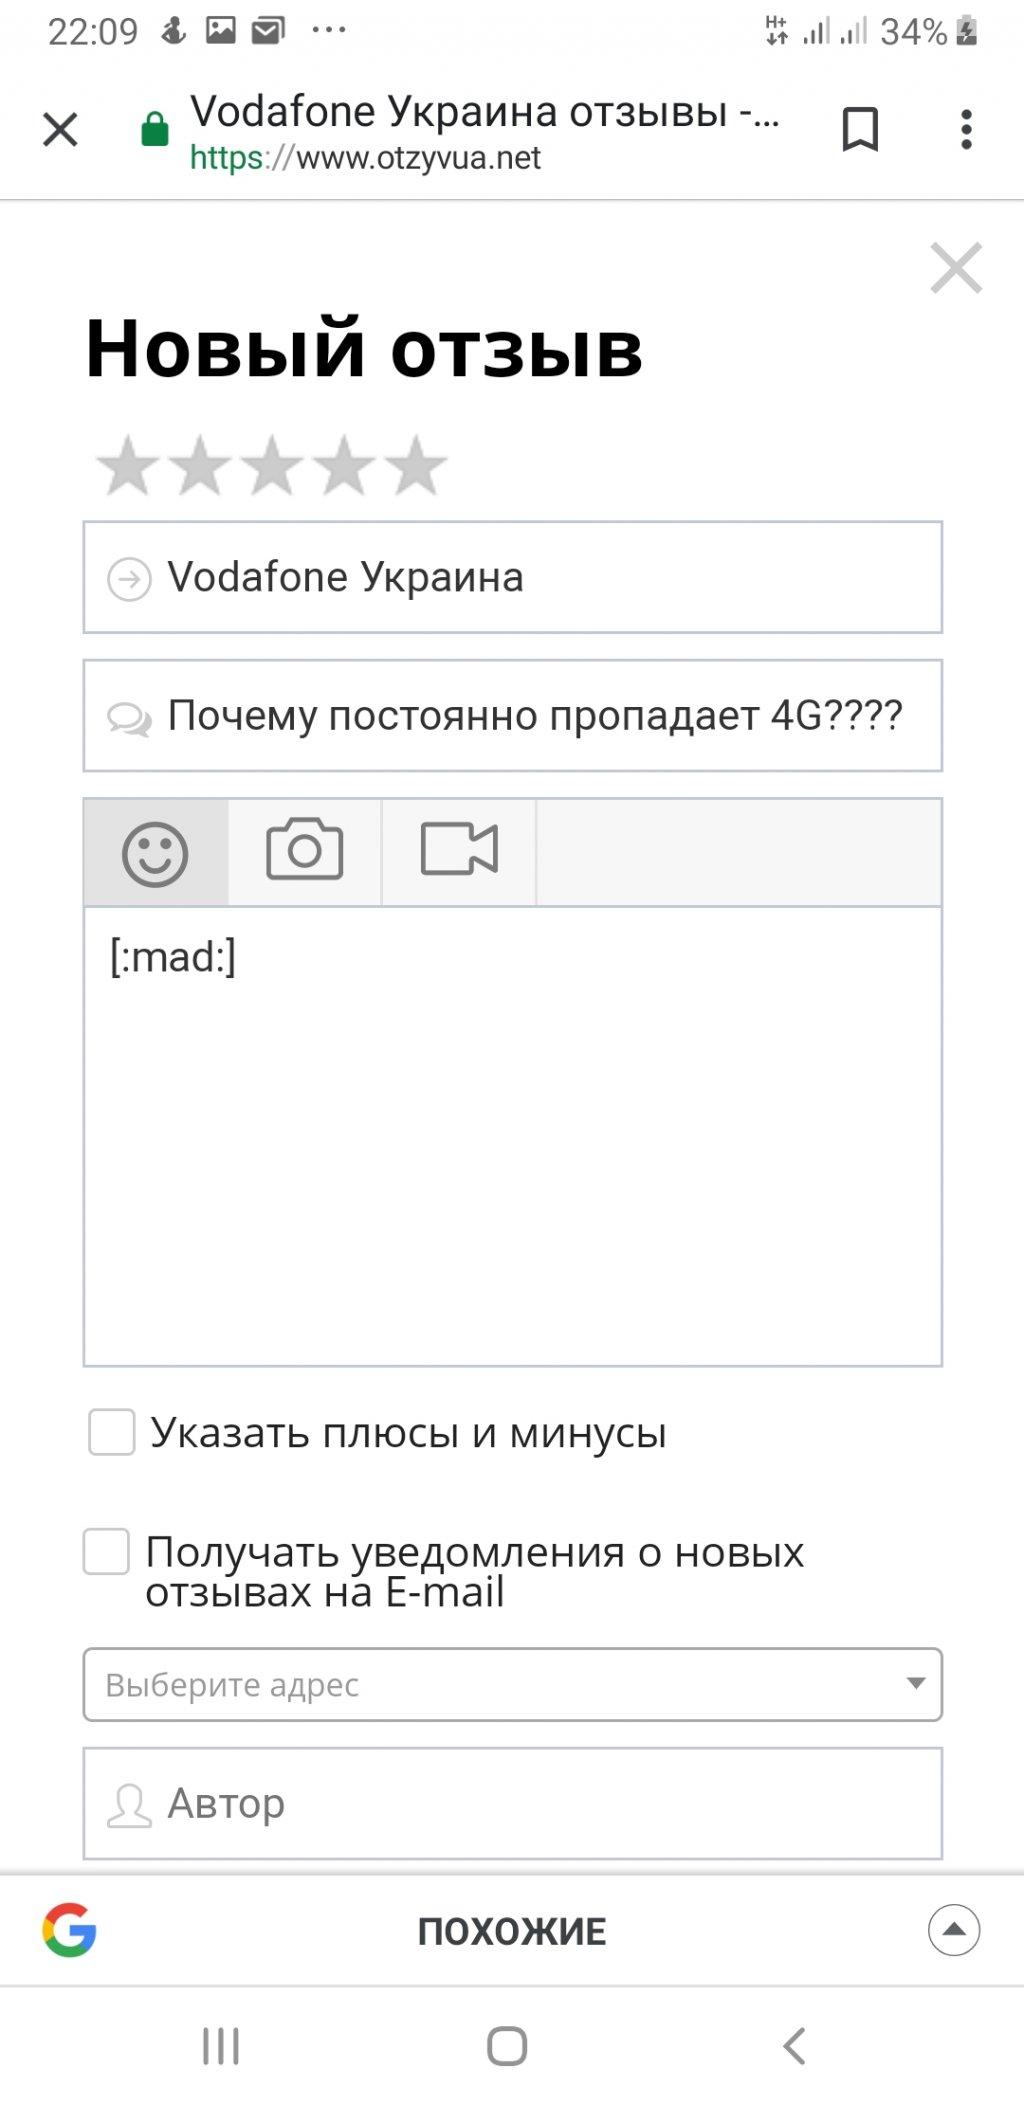 Vodafone Украина - 4G ужасно работает